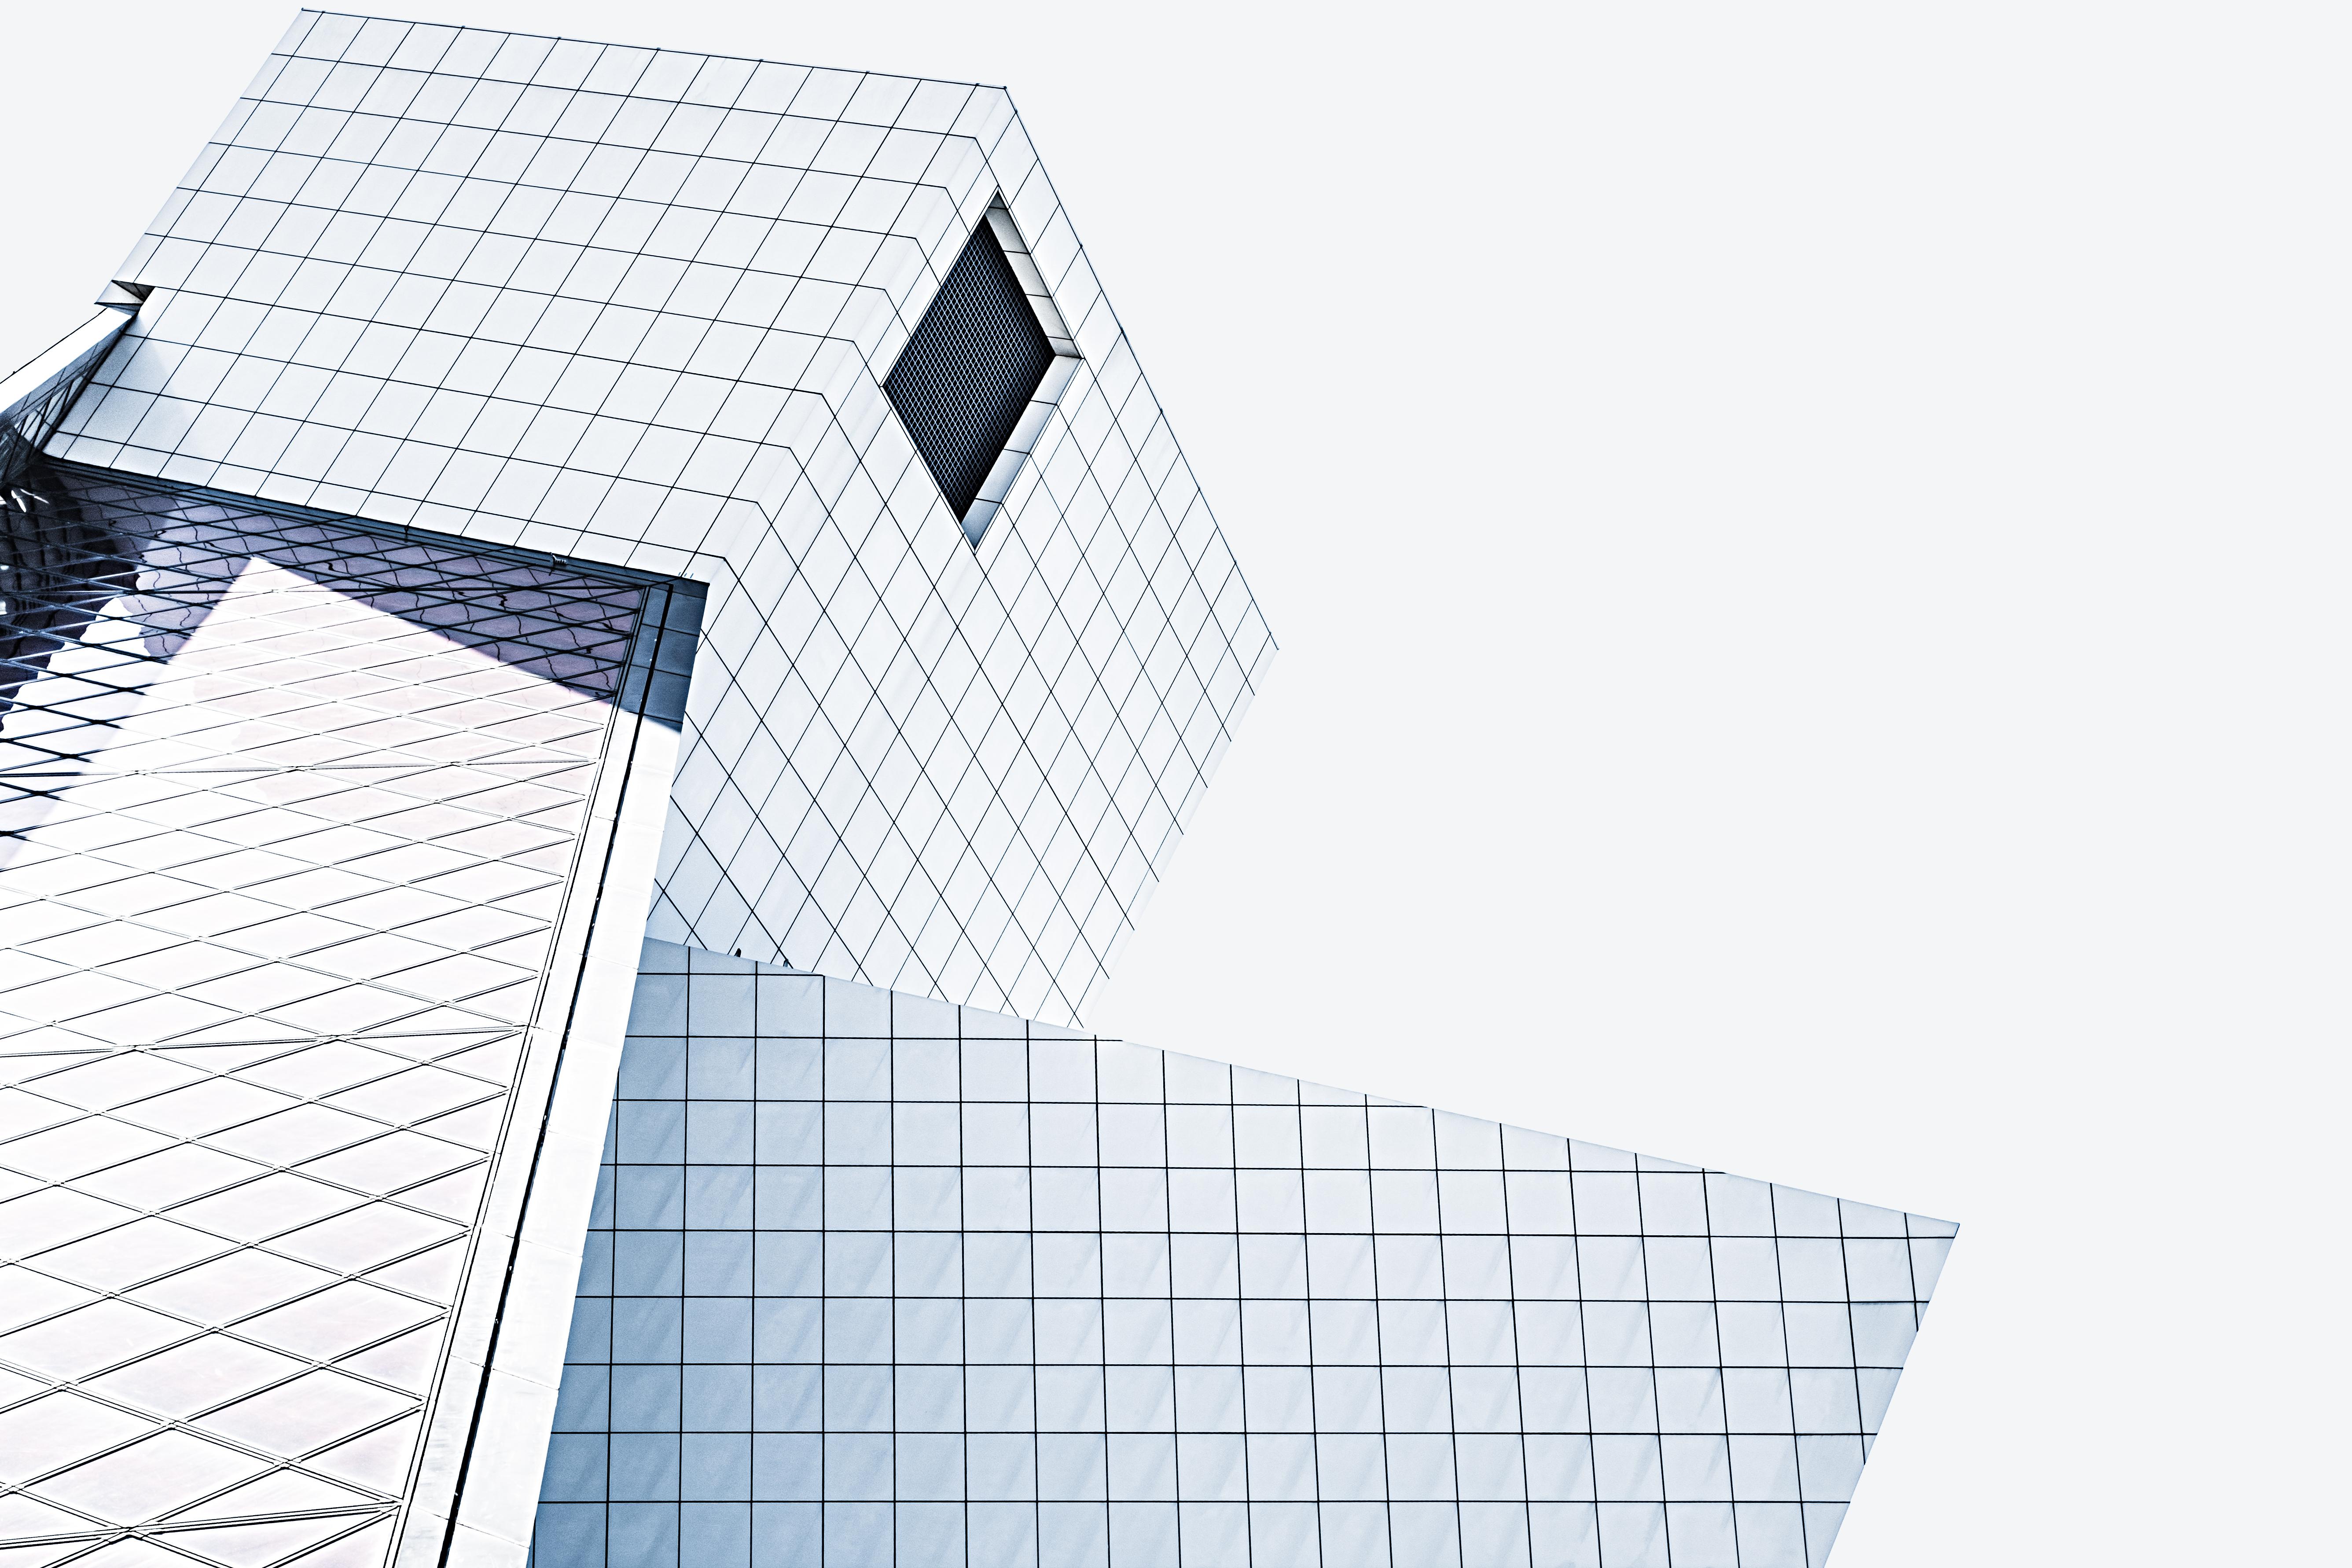 Gambar Arsitektur Putih Bangunan Pencakar Langit Pola Garis